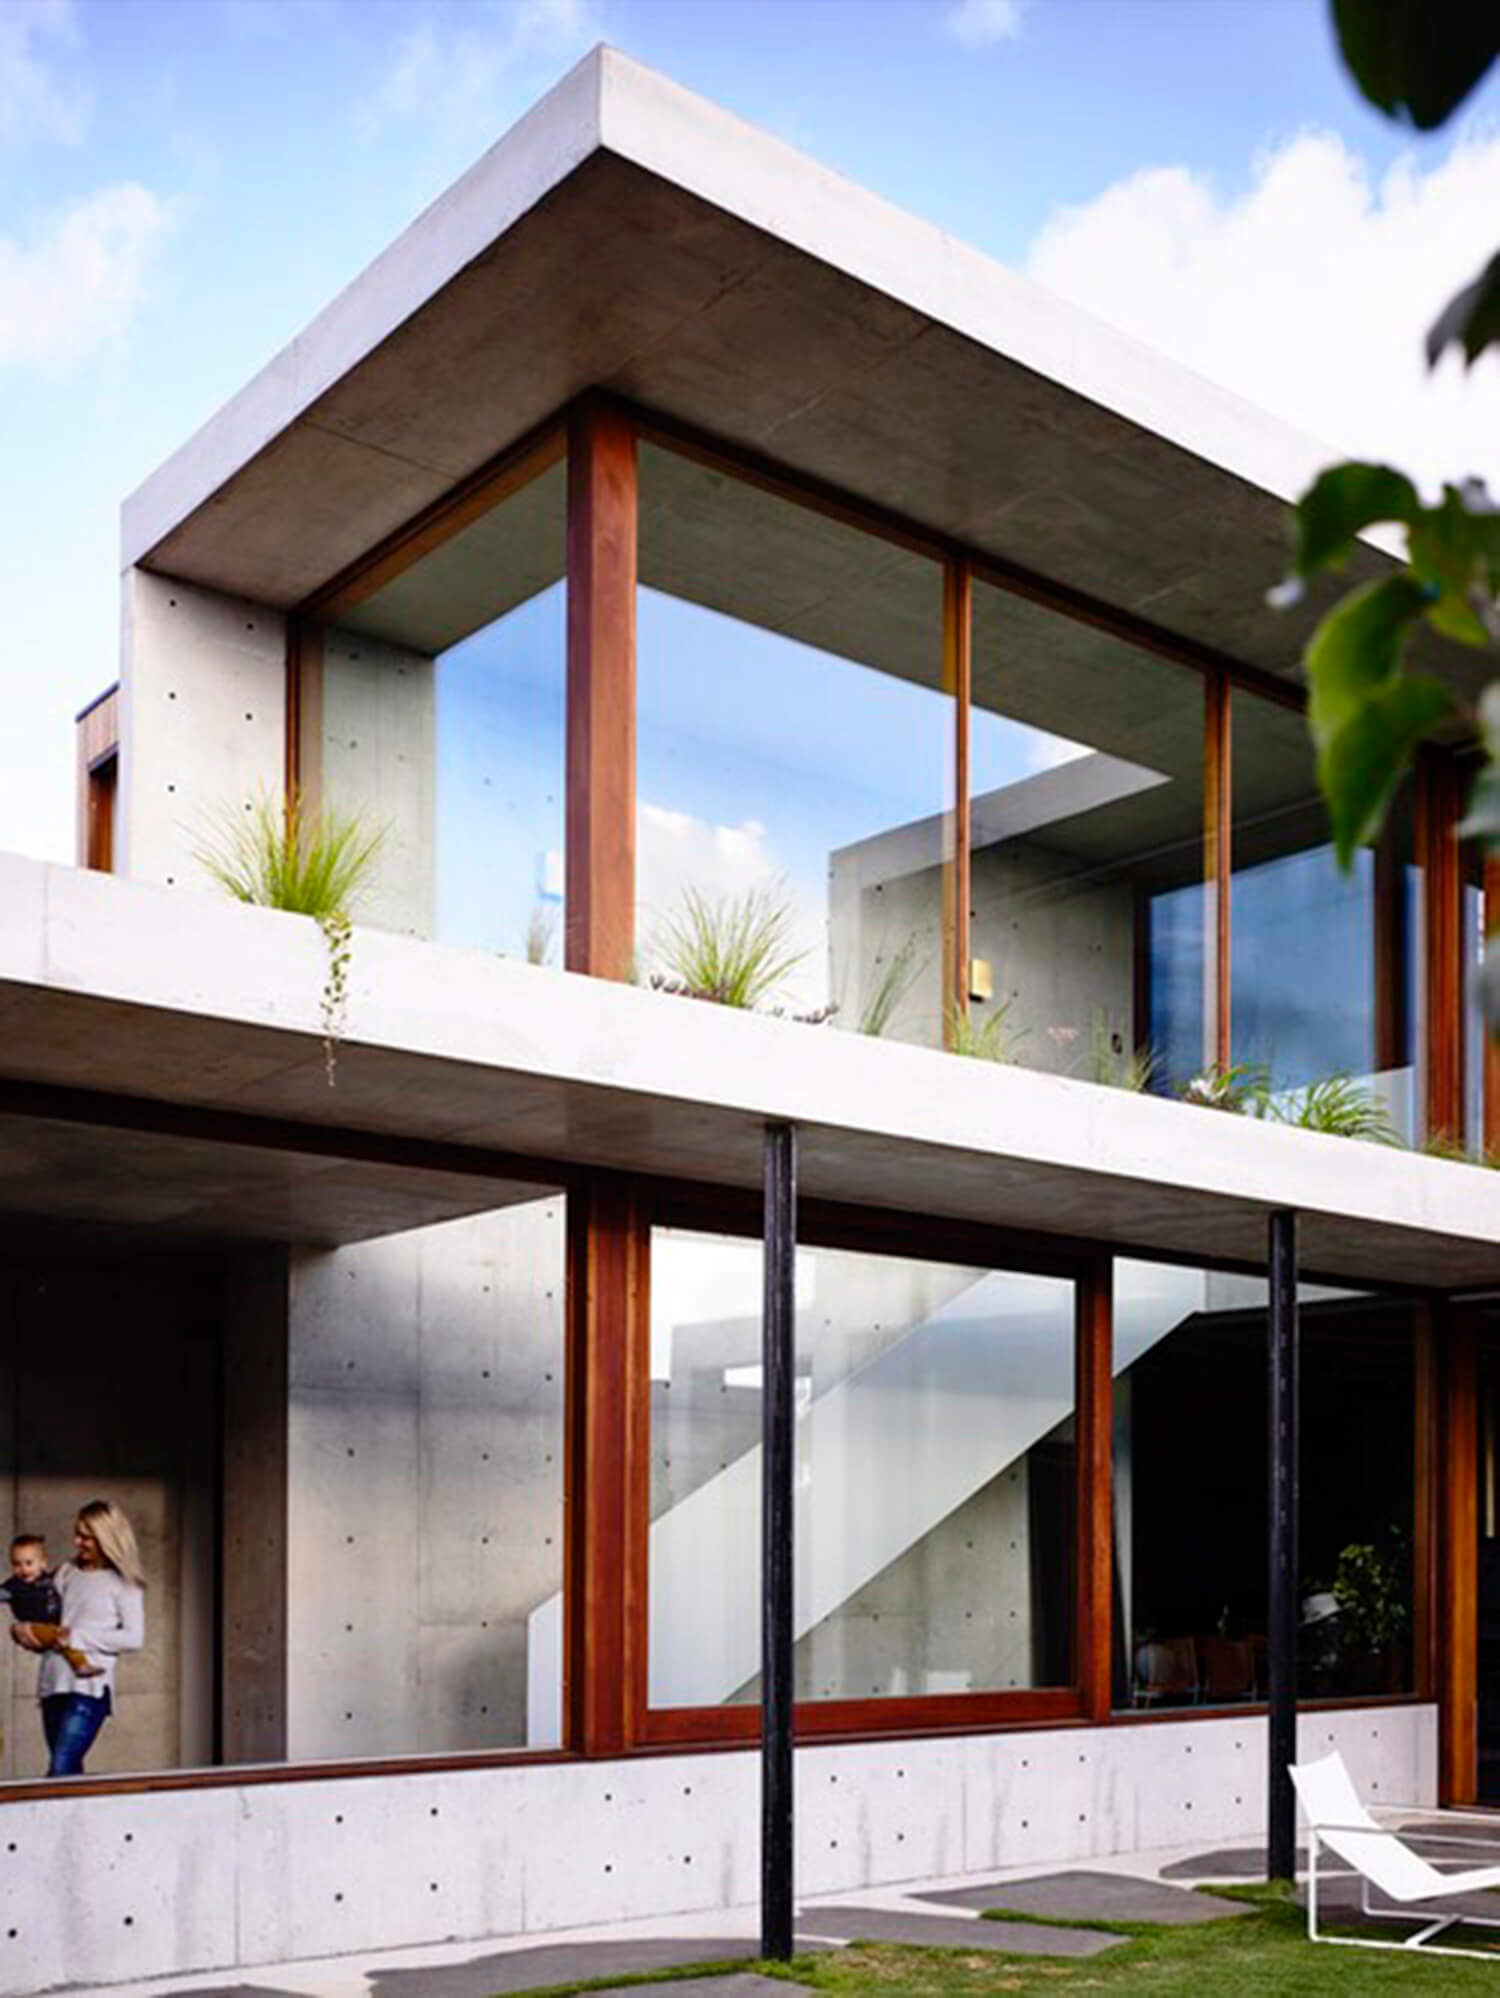 est living concrete house auhaus architects exterior.01